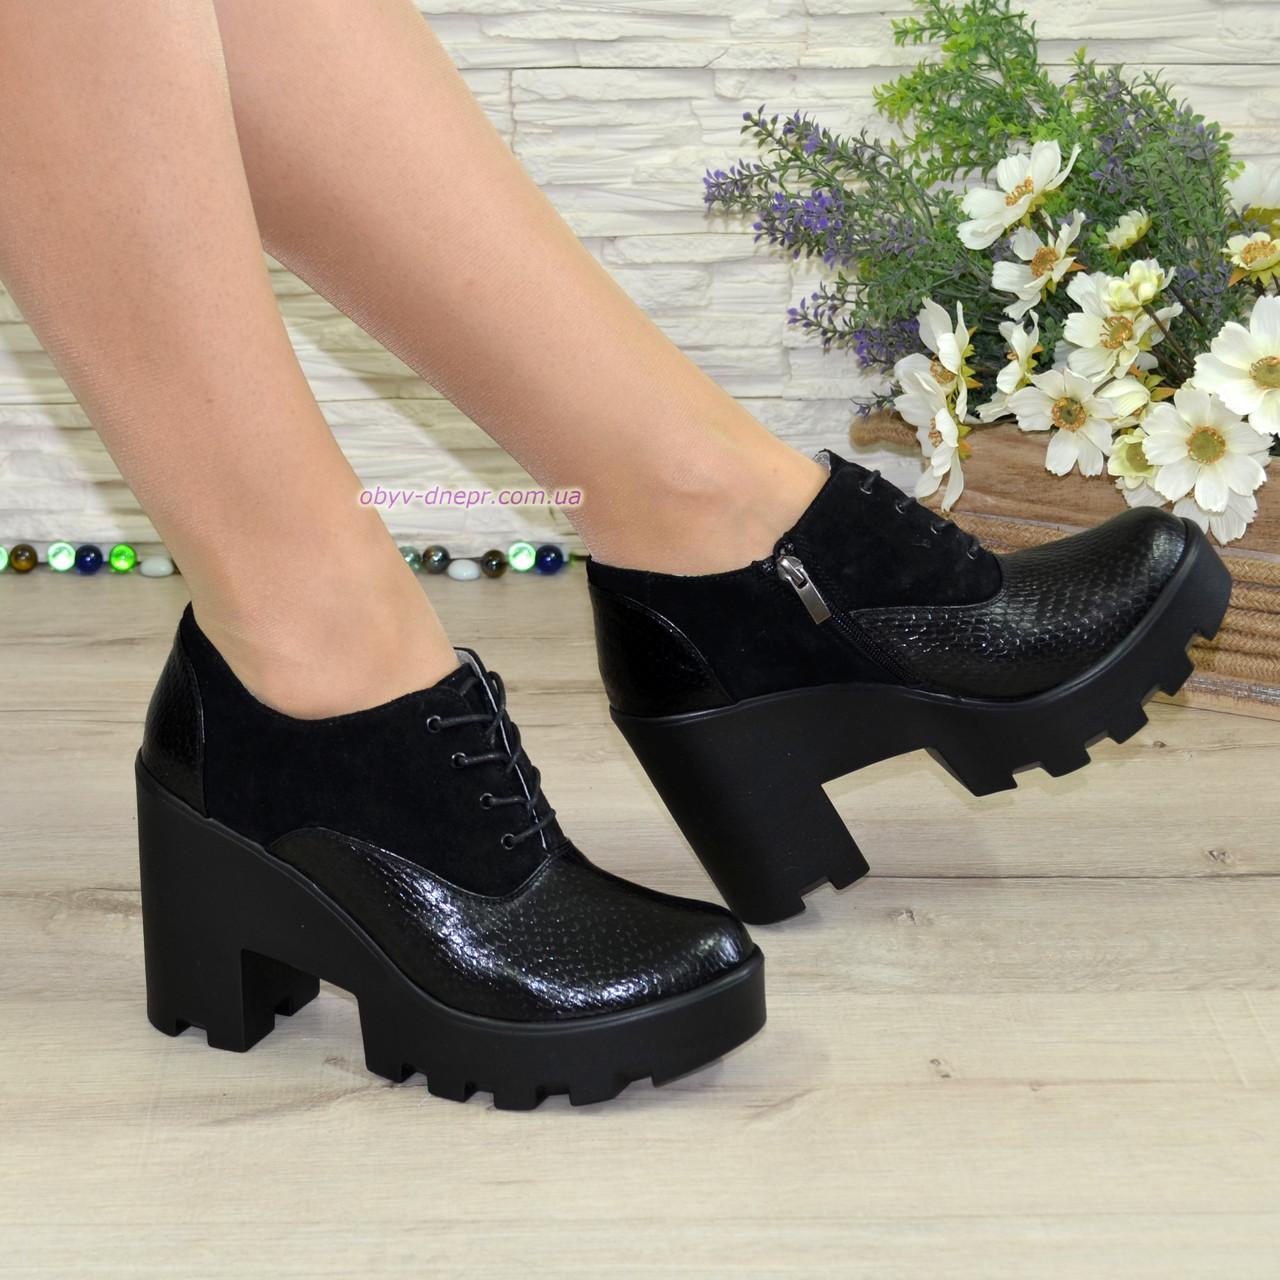 a2fb48346 Женские стильные туфли на шнуровке, высокий каблук. Натуральная кожа питон  и замш - Интернет